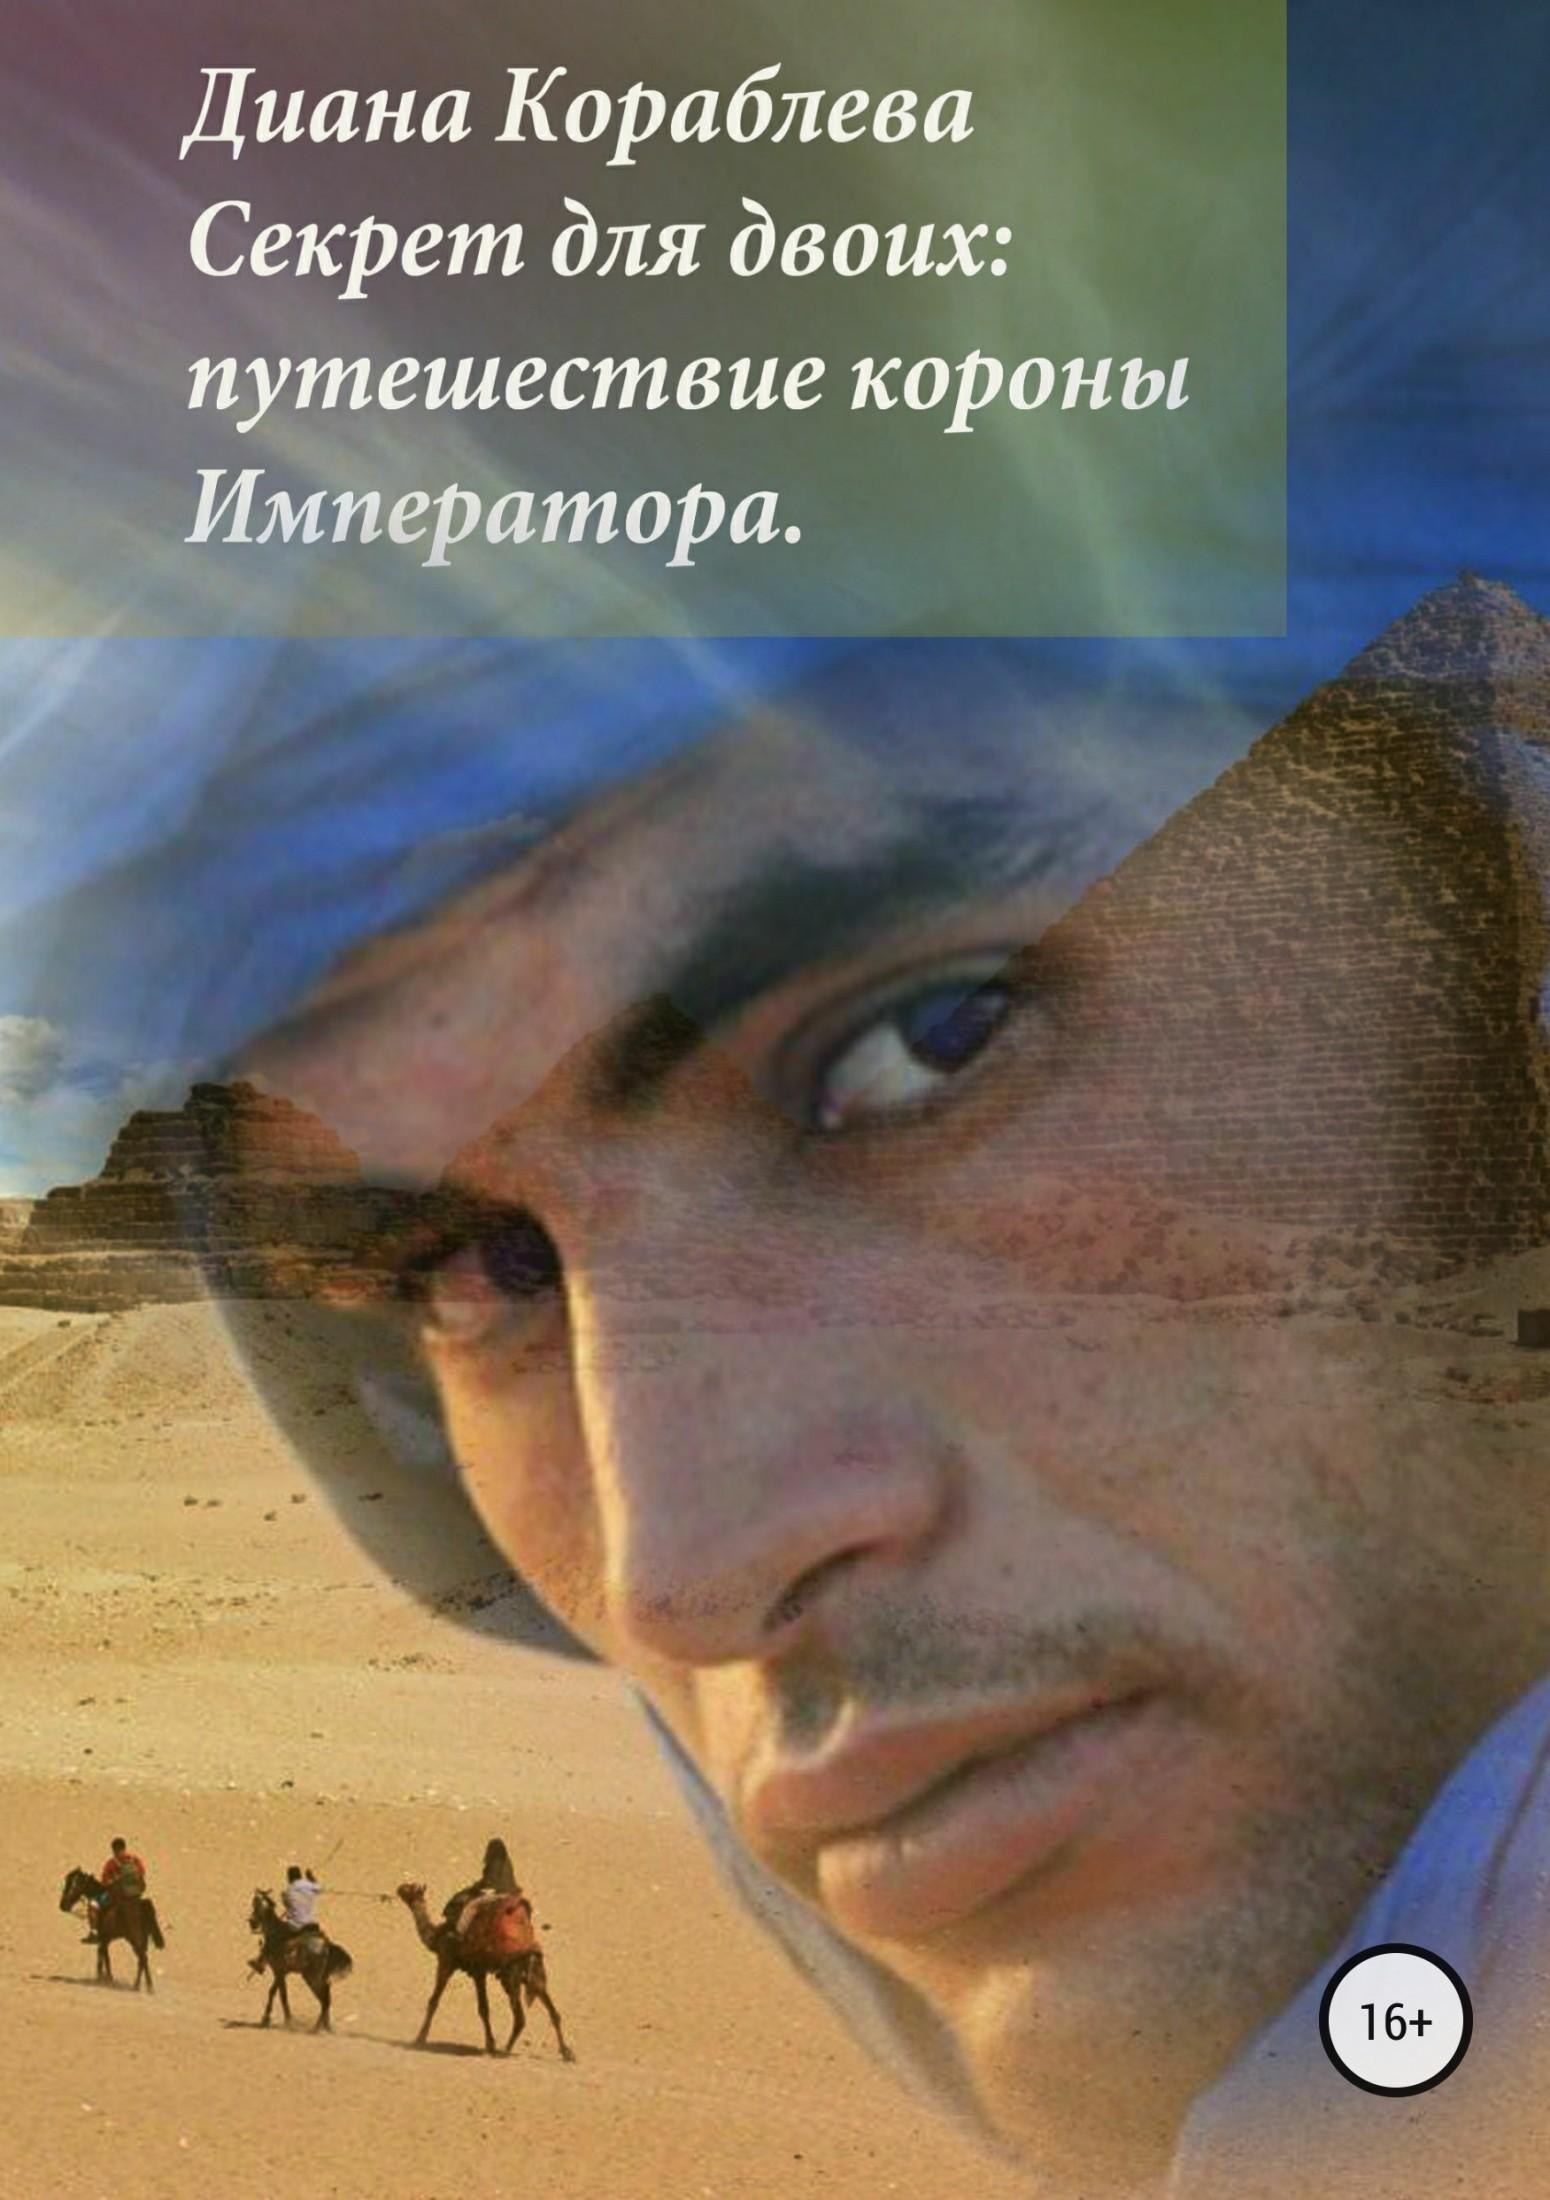 Диана Анатольевна Кораблева Секрет для двоих: путешествие короны Императора